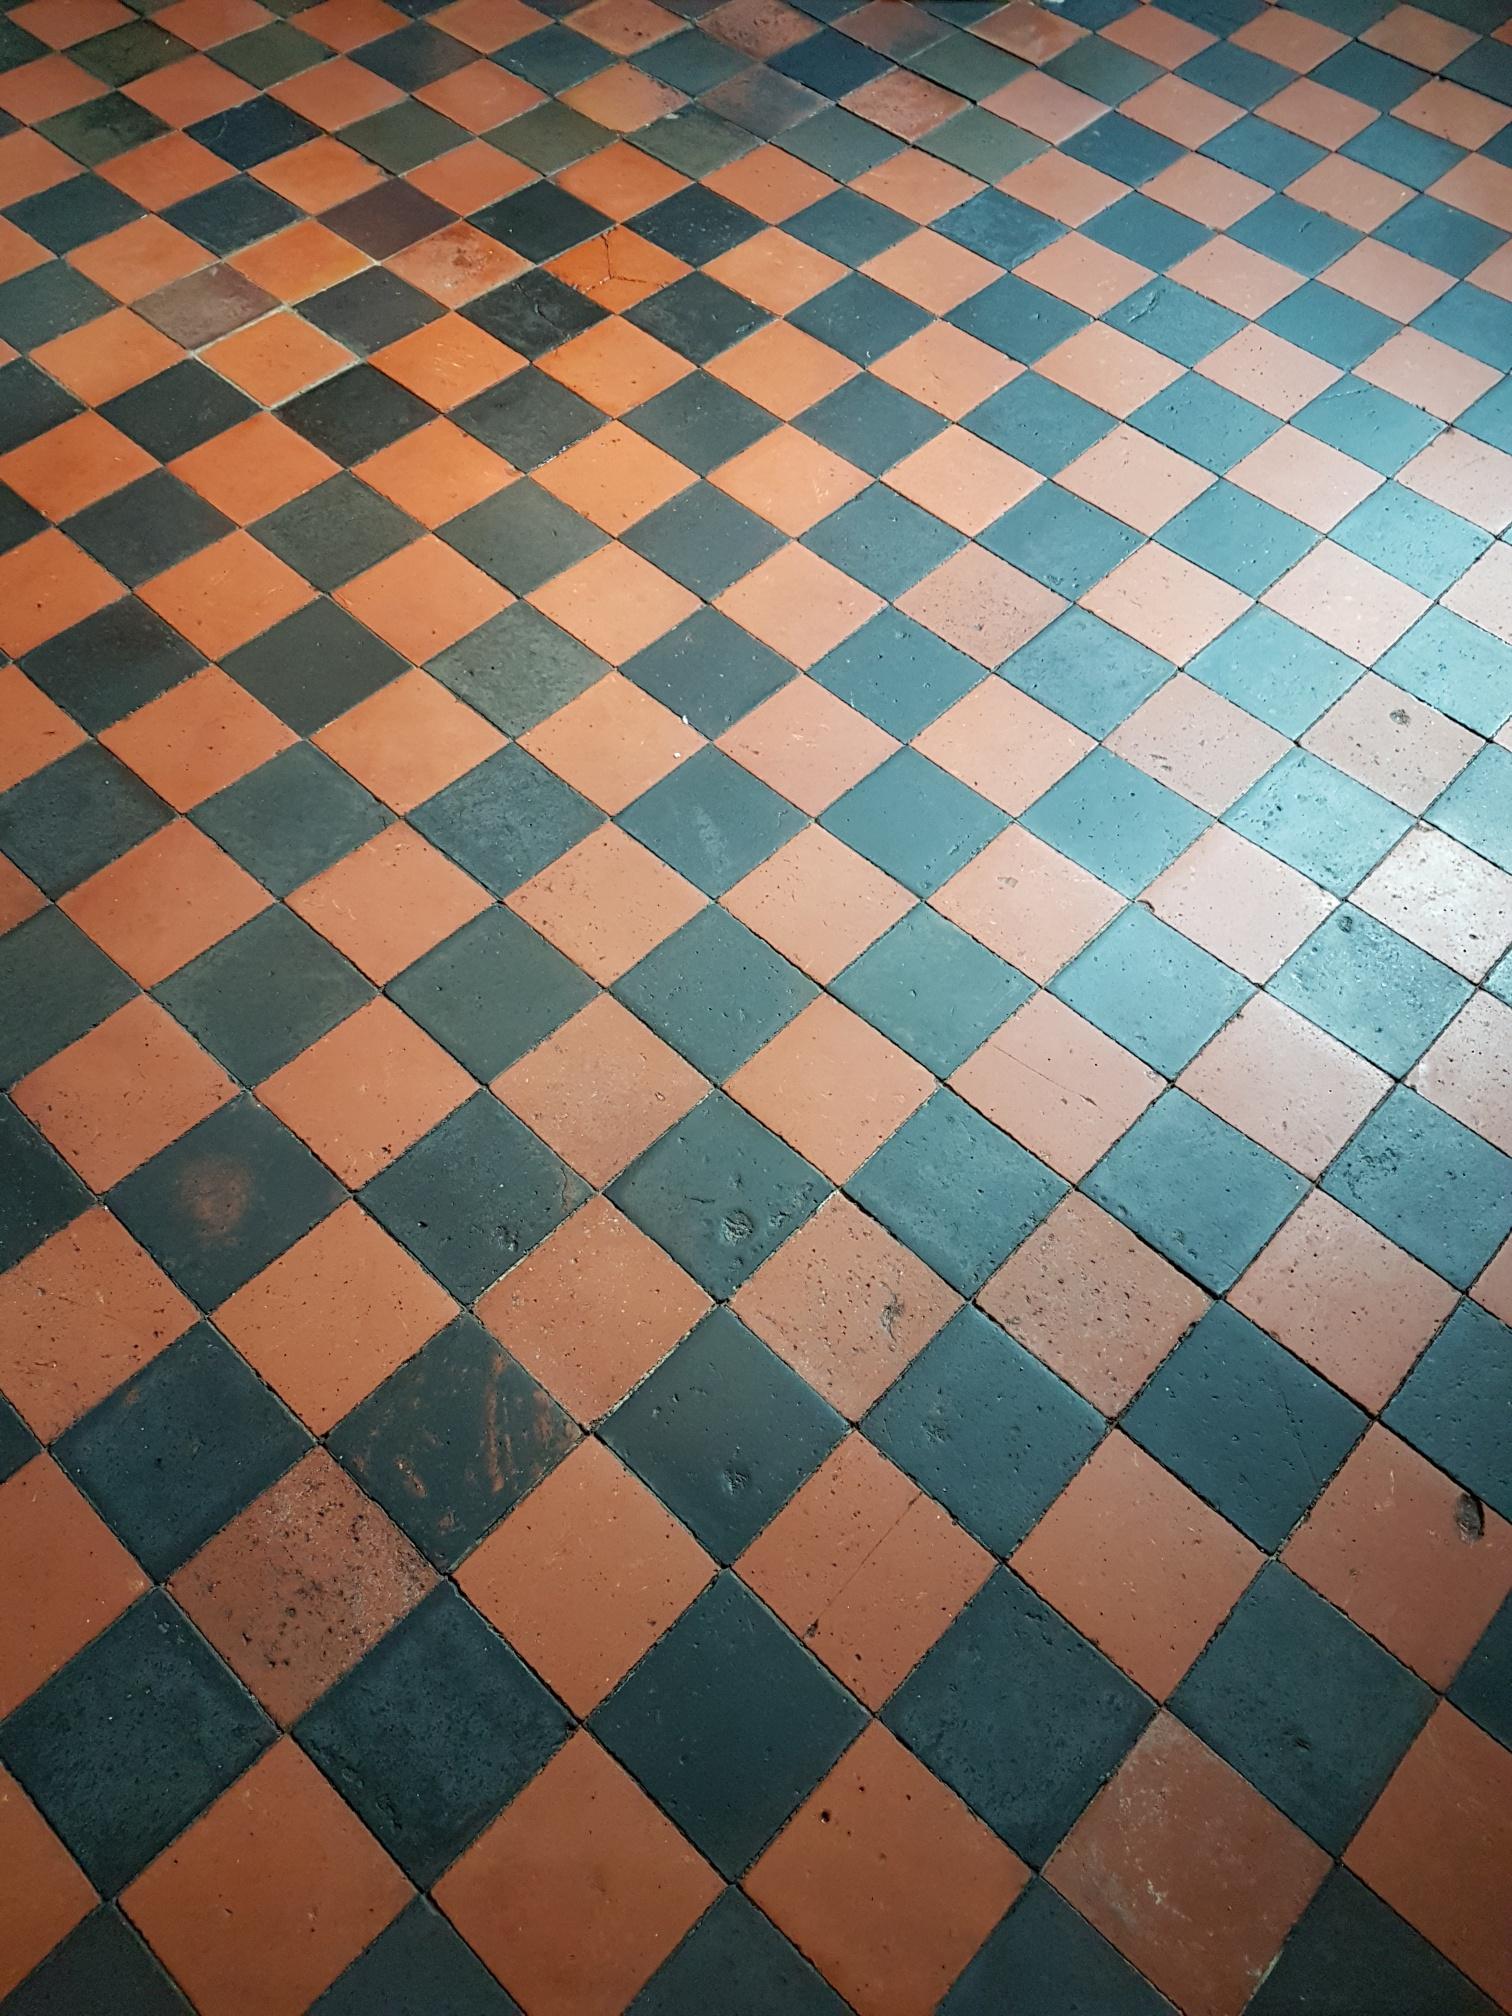 Quarry Tiled Floor After Cleaning Knaresbrorough